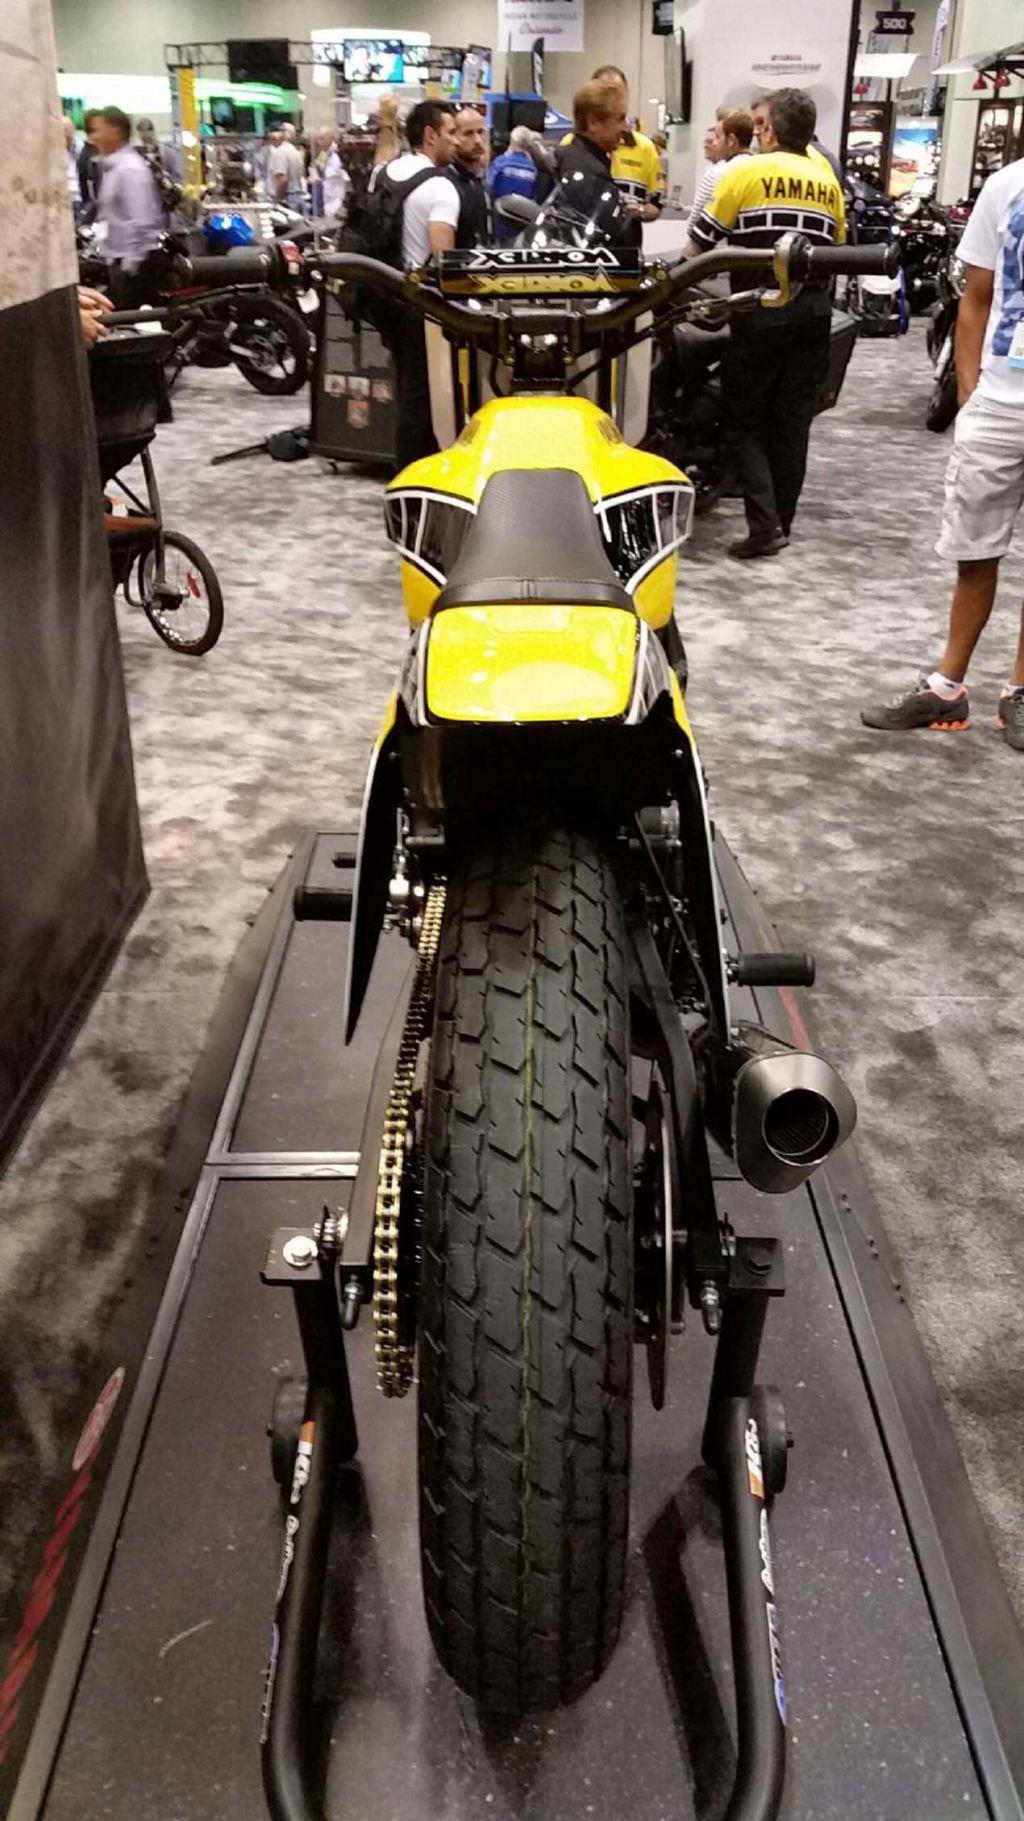 Yamaha DT-07 Flat Track Konsepti Görücüye Çıktı! 7. İçerik Fotoğrafı